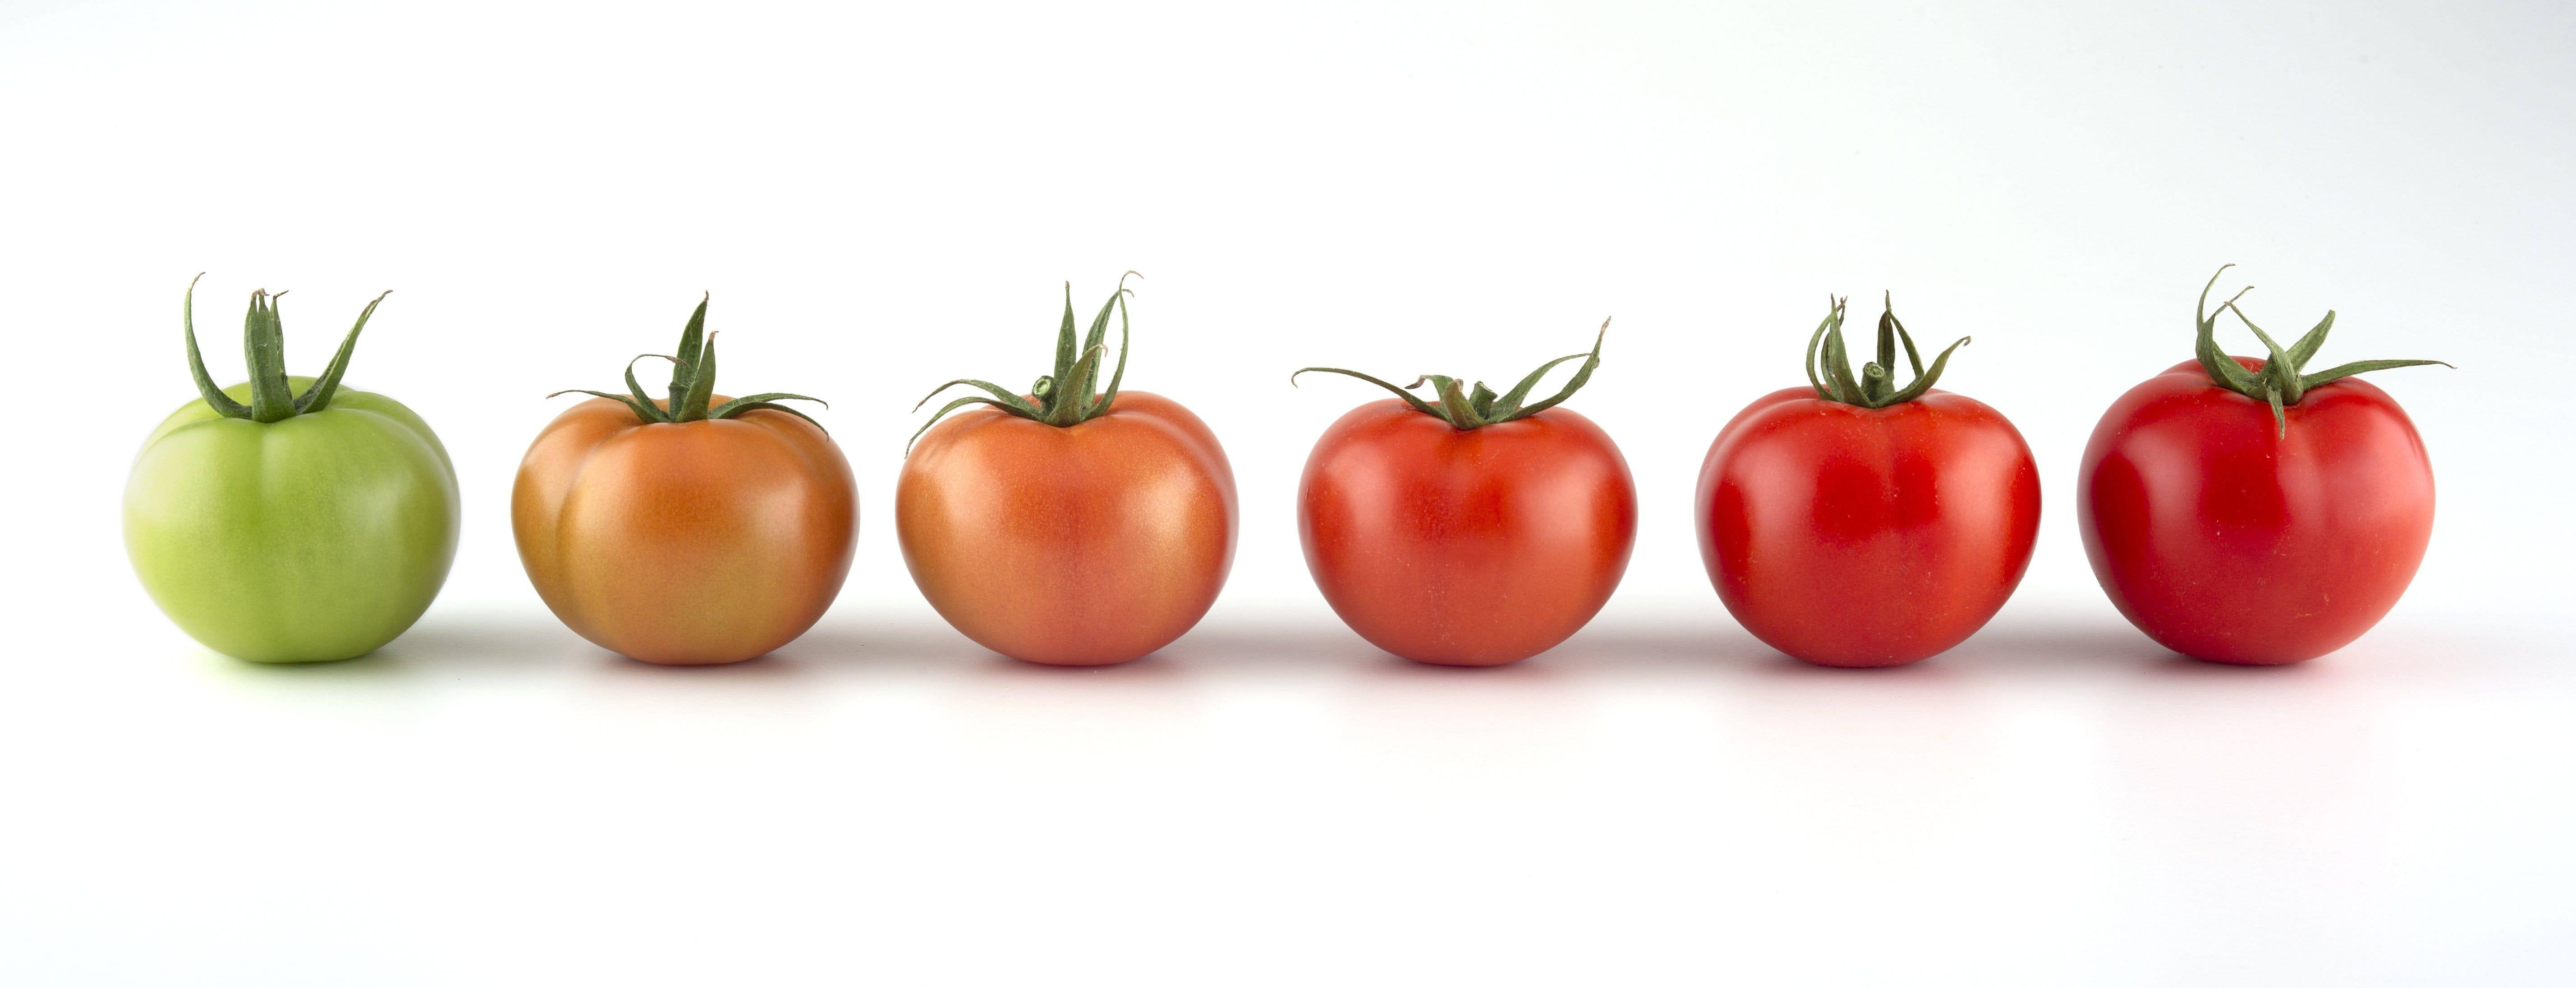 Super Grüne Tomaten: Giftig oder essbar? Darauf sollten Sie unbedingt achten #AB_97